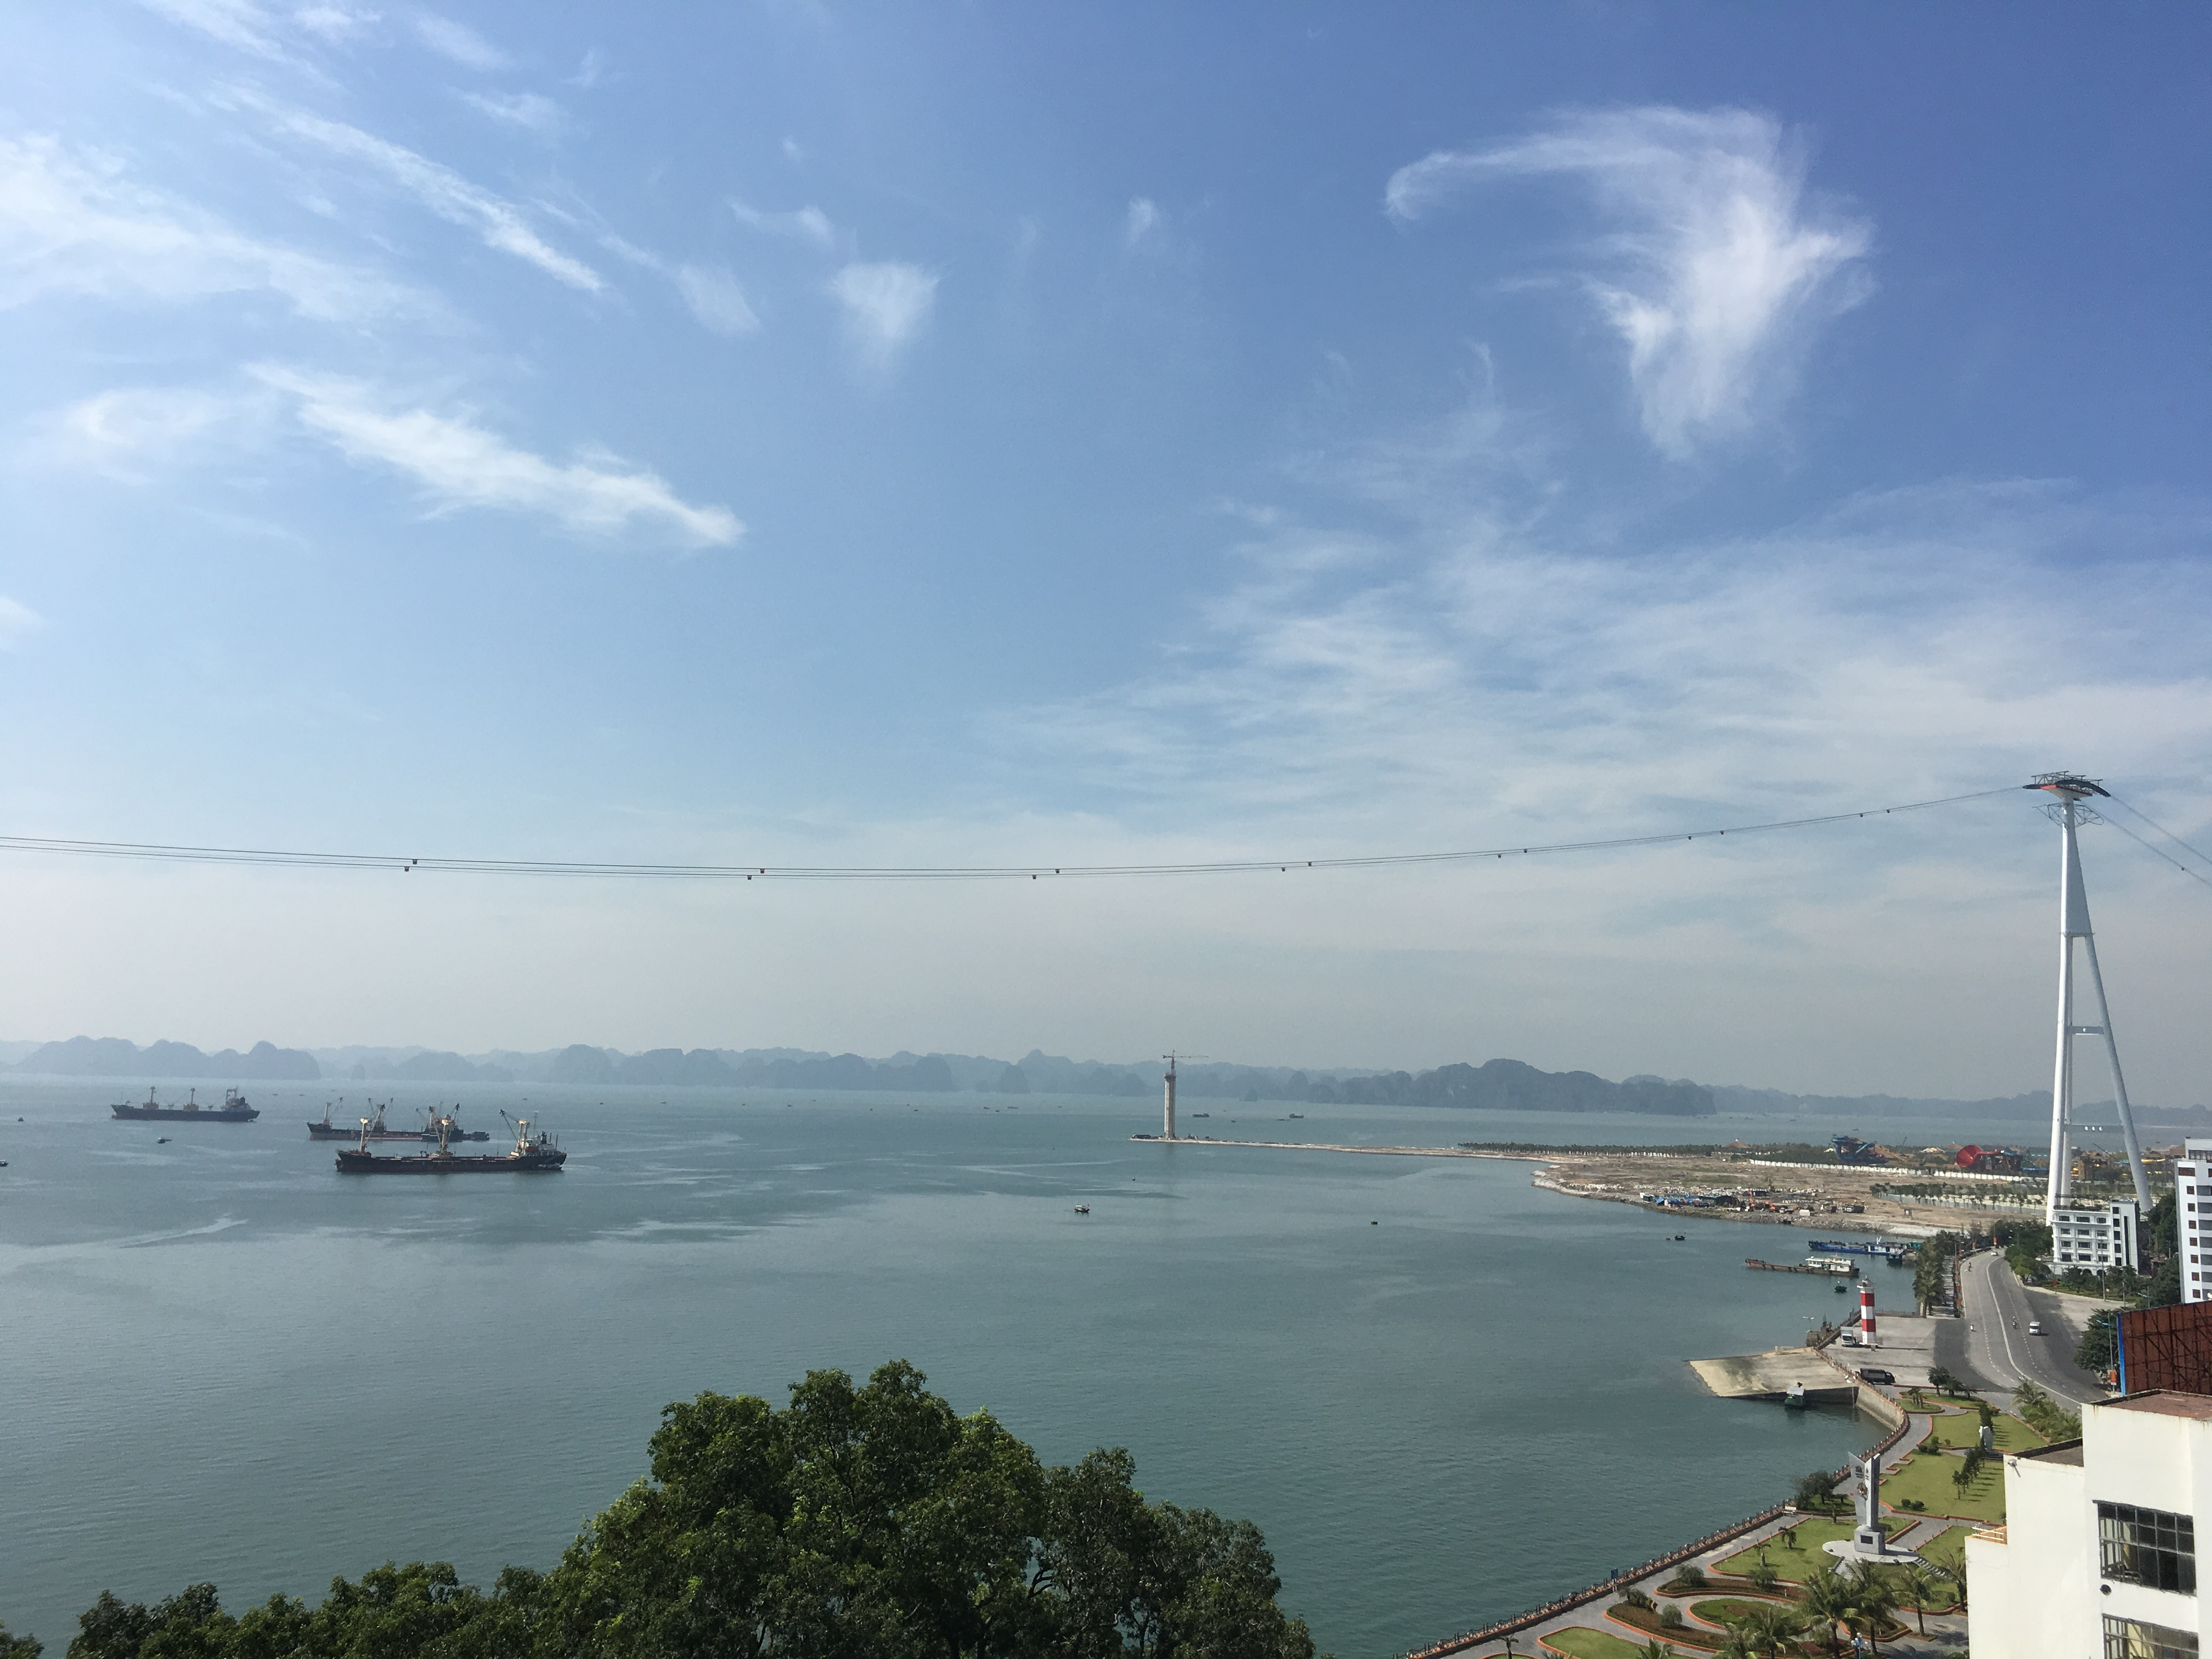 Cáp treo vượt biển dài 2km sẽ đưa du khách đến với Tổ hợp vui chơi Ba Đèo – quần thể các điểm du ngoạn như Vườn Nhật, khu trò chơi trong nhà Lâu Đài Huyền Bí, đặc biệt là Sun Wheel. Từ bờ biển, du khách có thể phóng tầm mắt ra xa, chiêm ngưỡng ngọn Hải Đăng cao 55,5m mô phỏng ngọn Hải đăng Kê Gà lâu đời nhất Việt Nam.